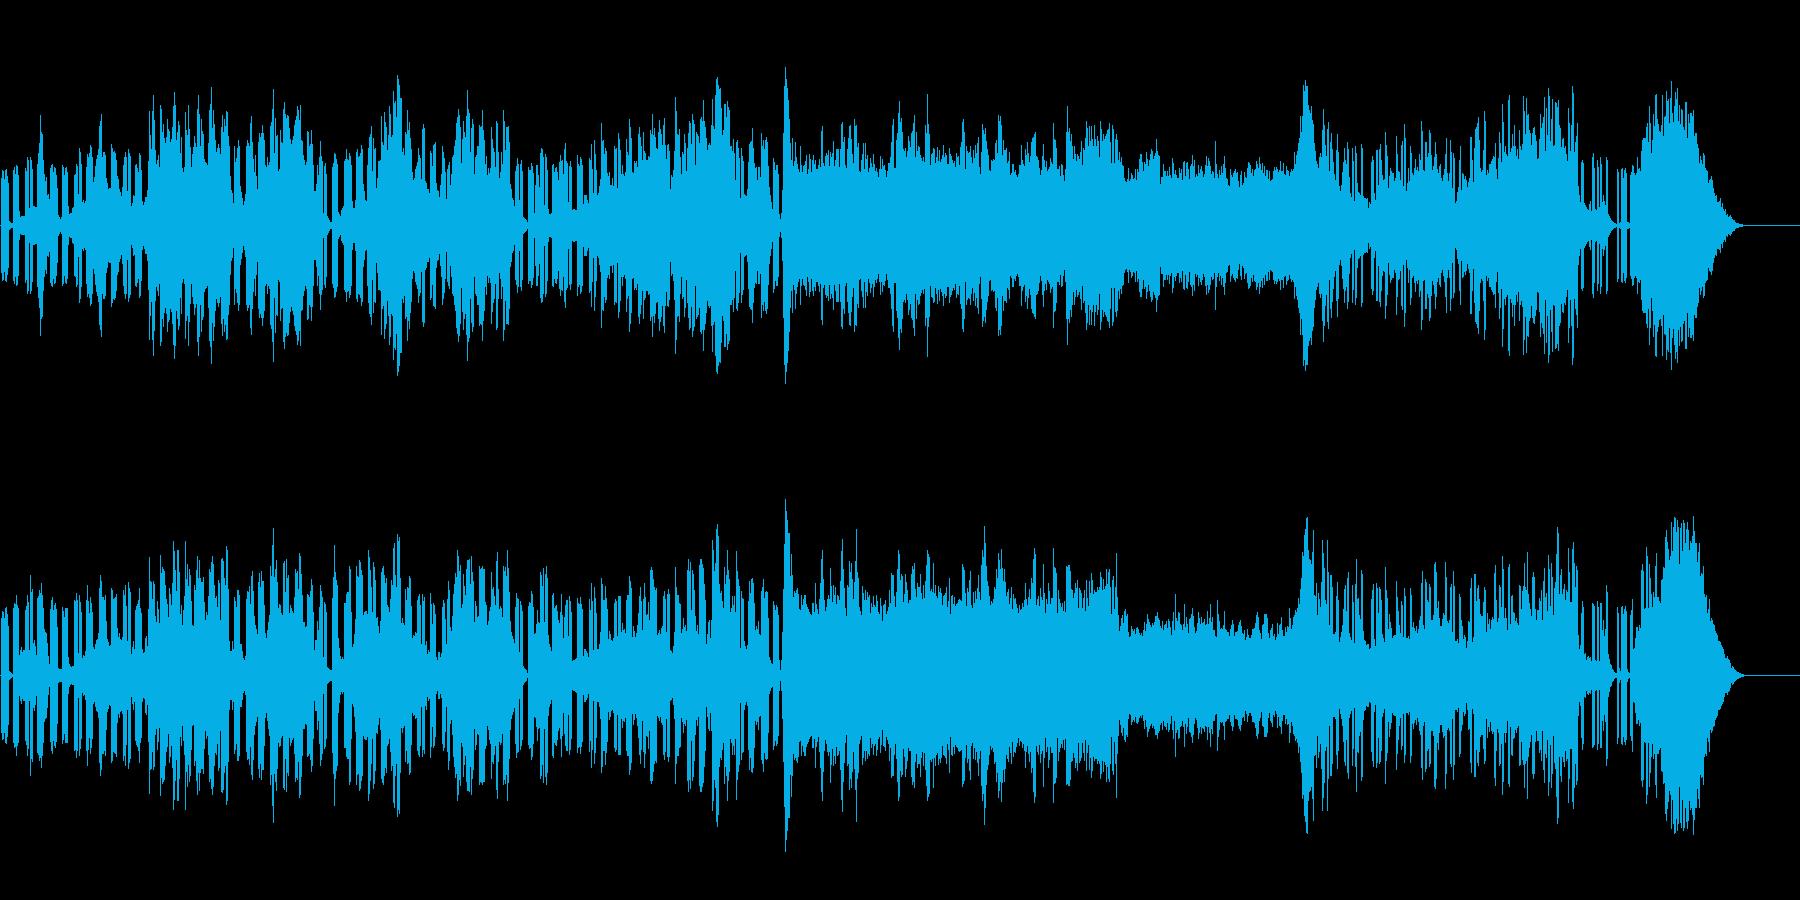 未知の空間を体感するサイエンス風BGMの再生済みの波形